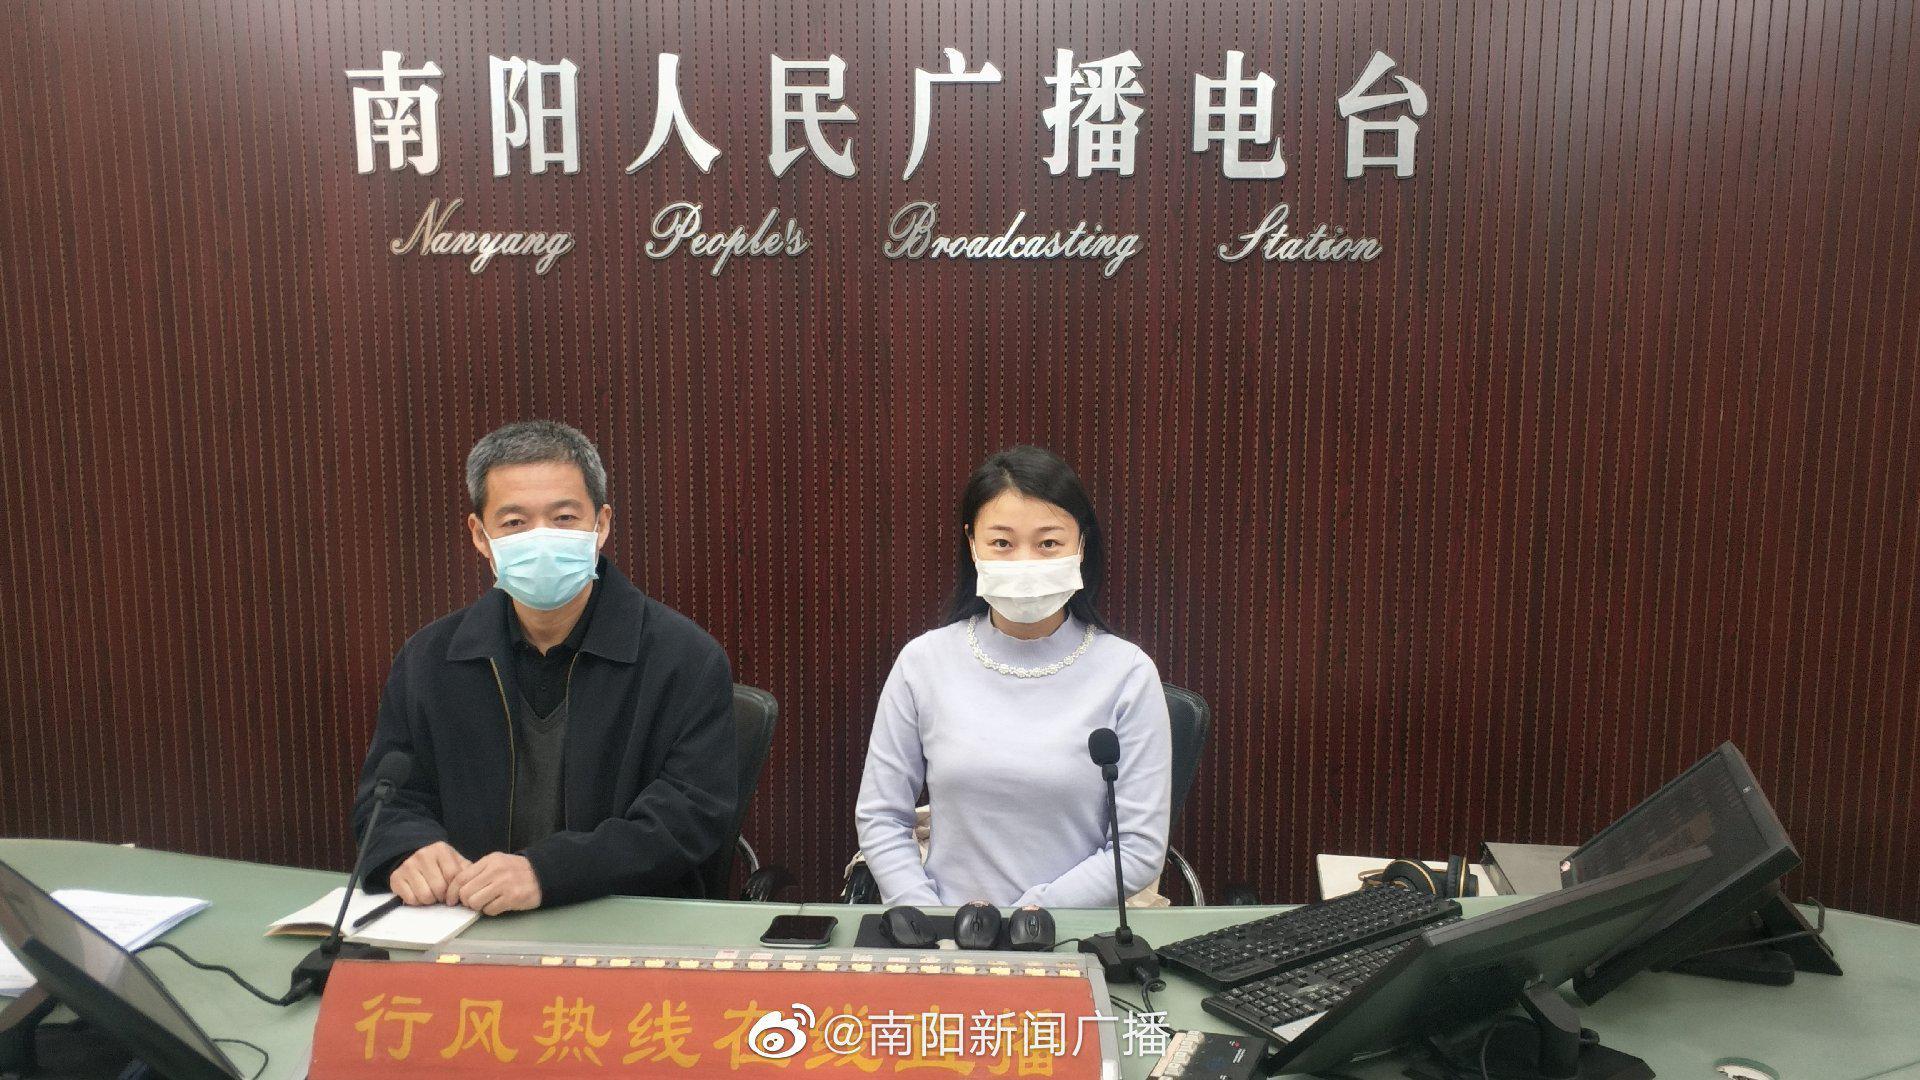 4月1日,南阳市司法局副局长谢清波带队值班行风热线与听众沟通交流